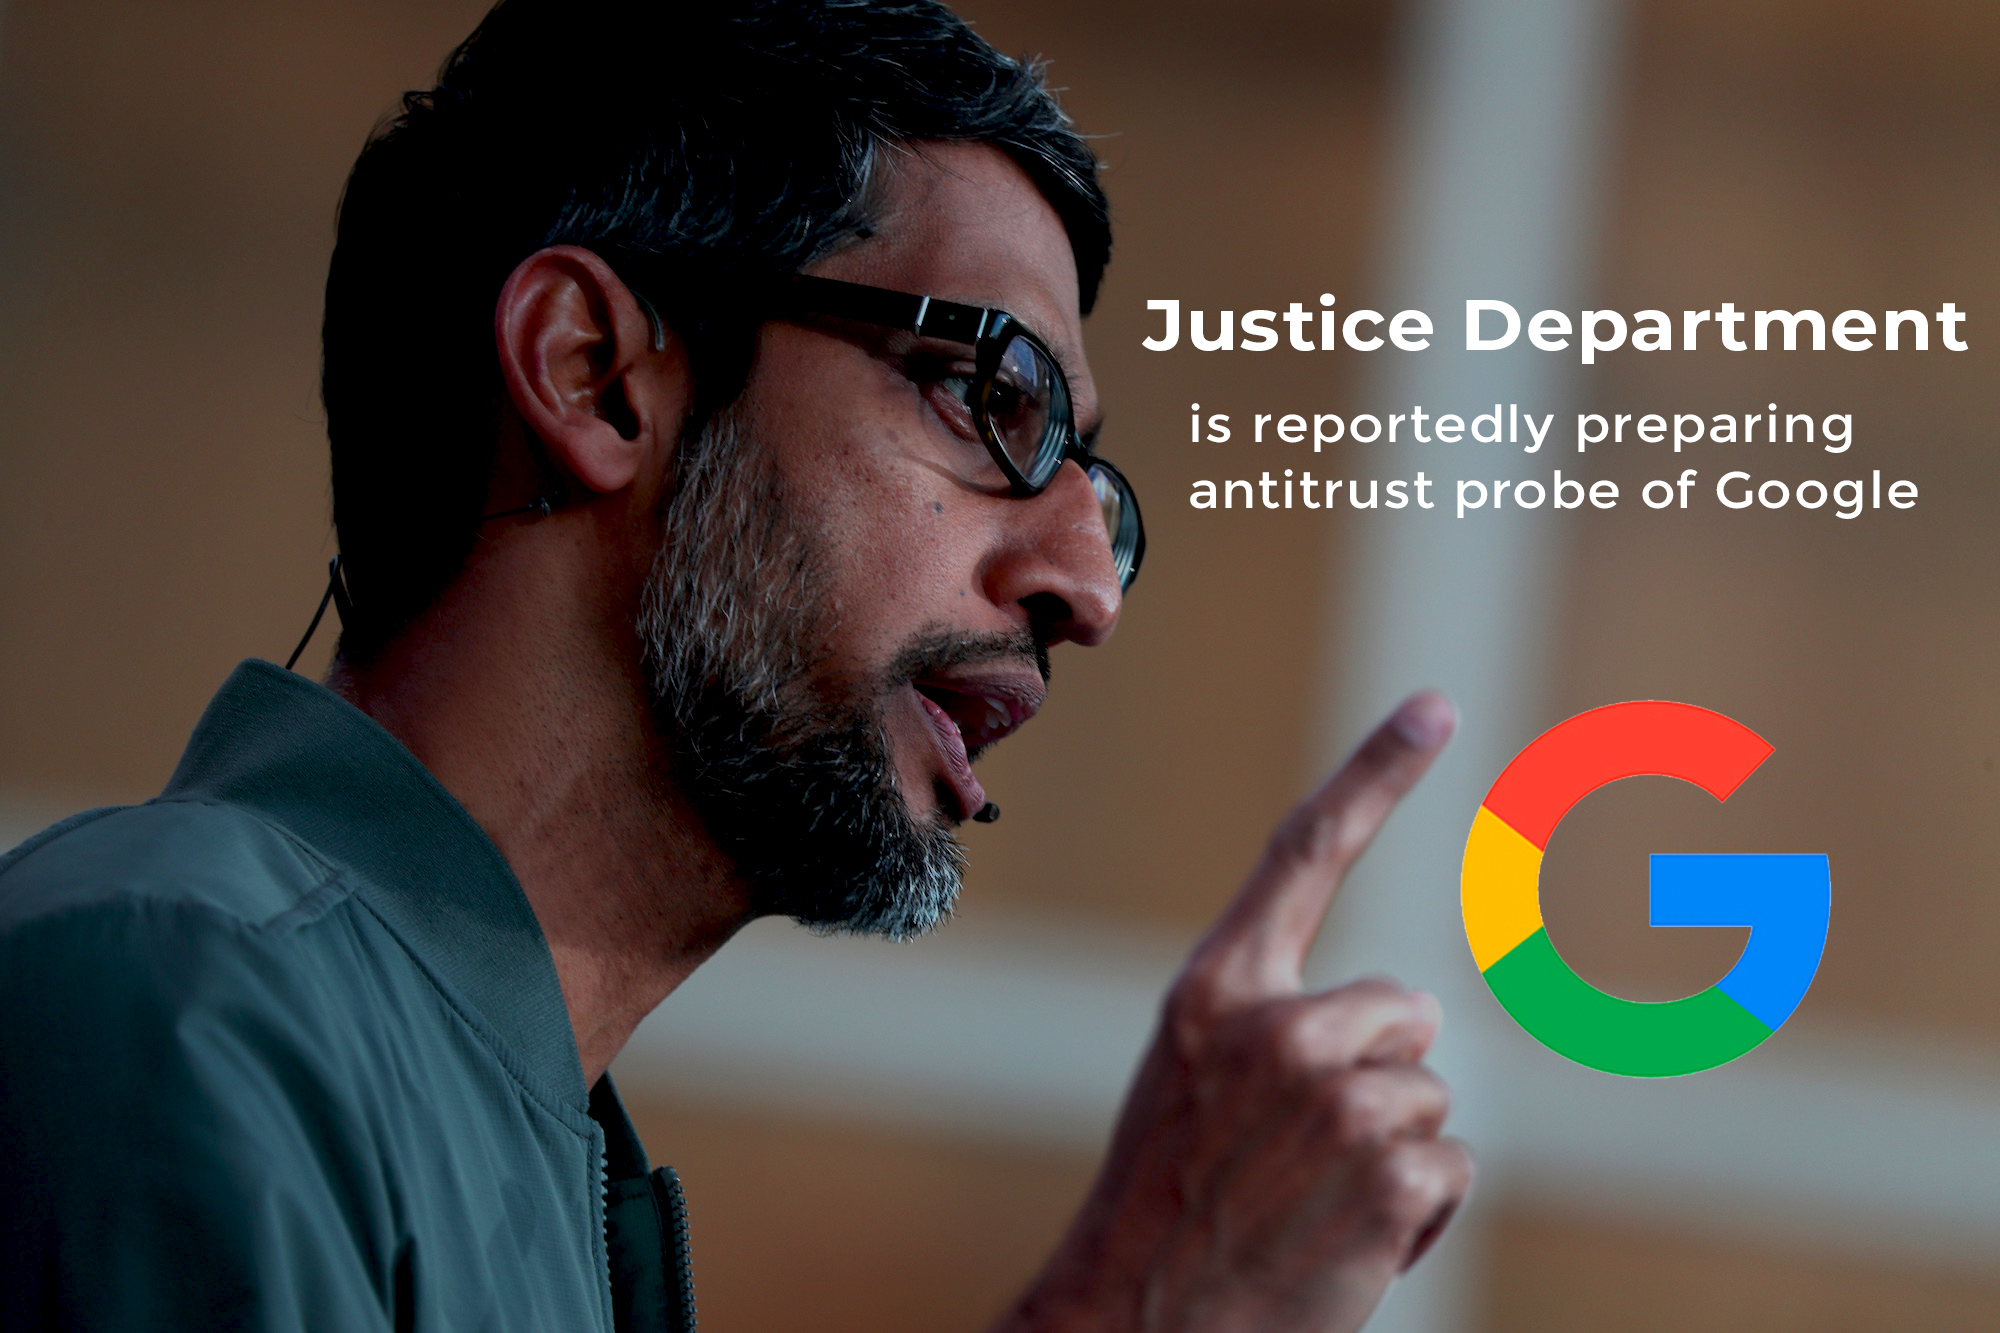 Justice Department of US is Preparing antitrust inquiry of Google